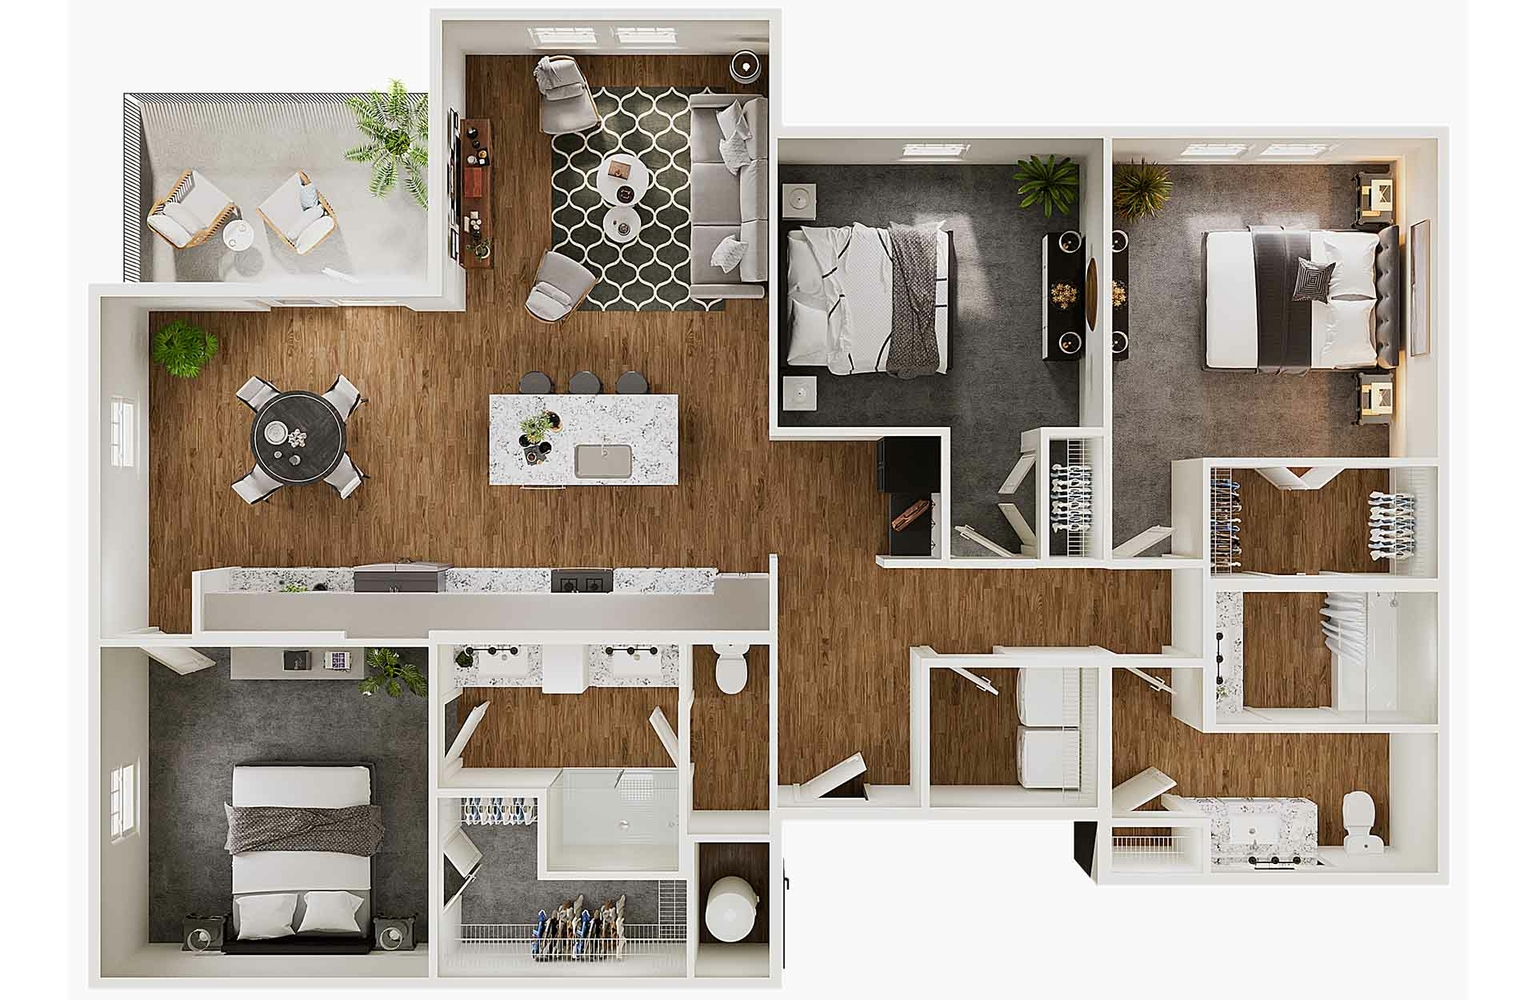 Floor Plans gallery - 3D Floorplan